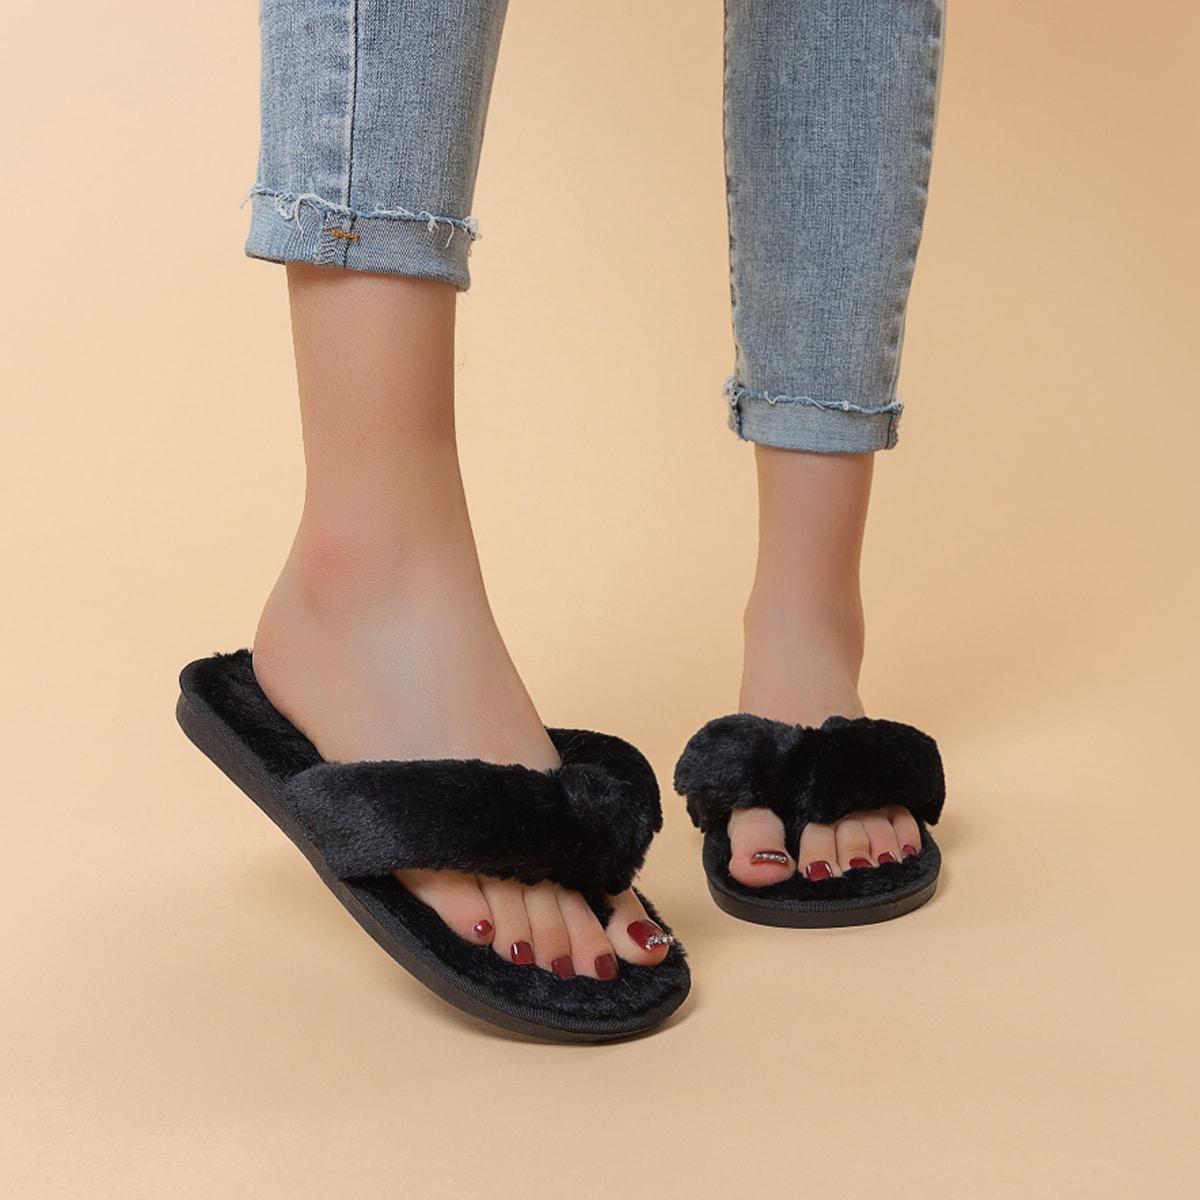 Плюшевые тапочки минималистичный сланцы от SHEIN